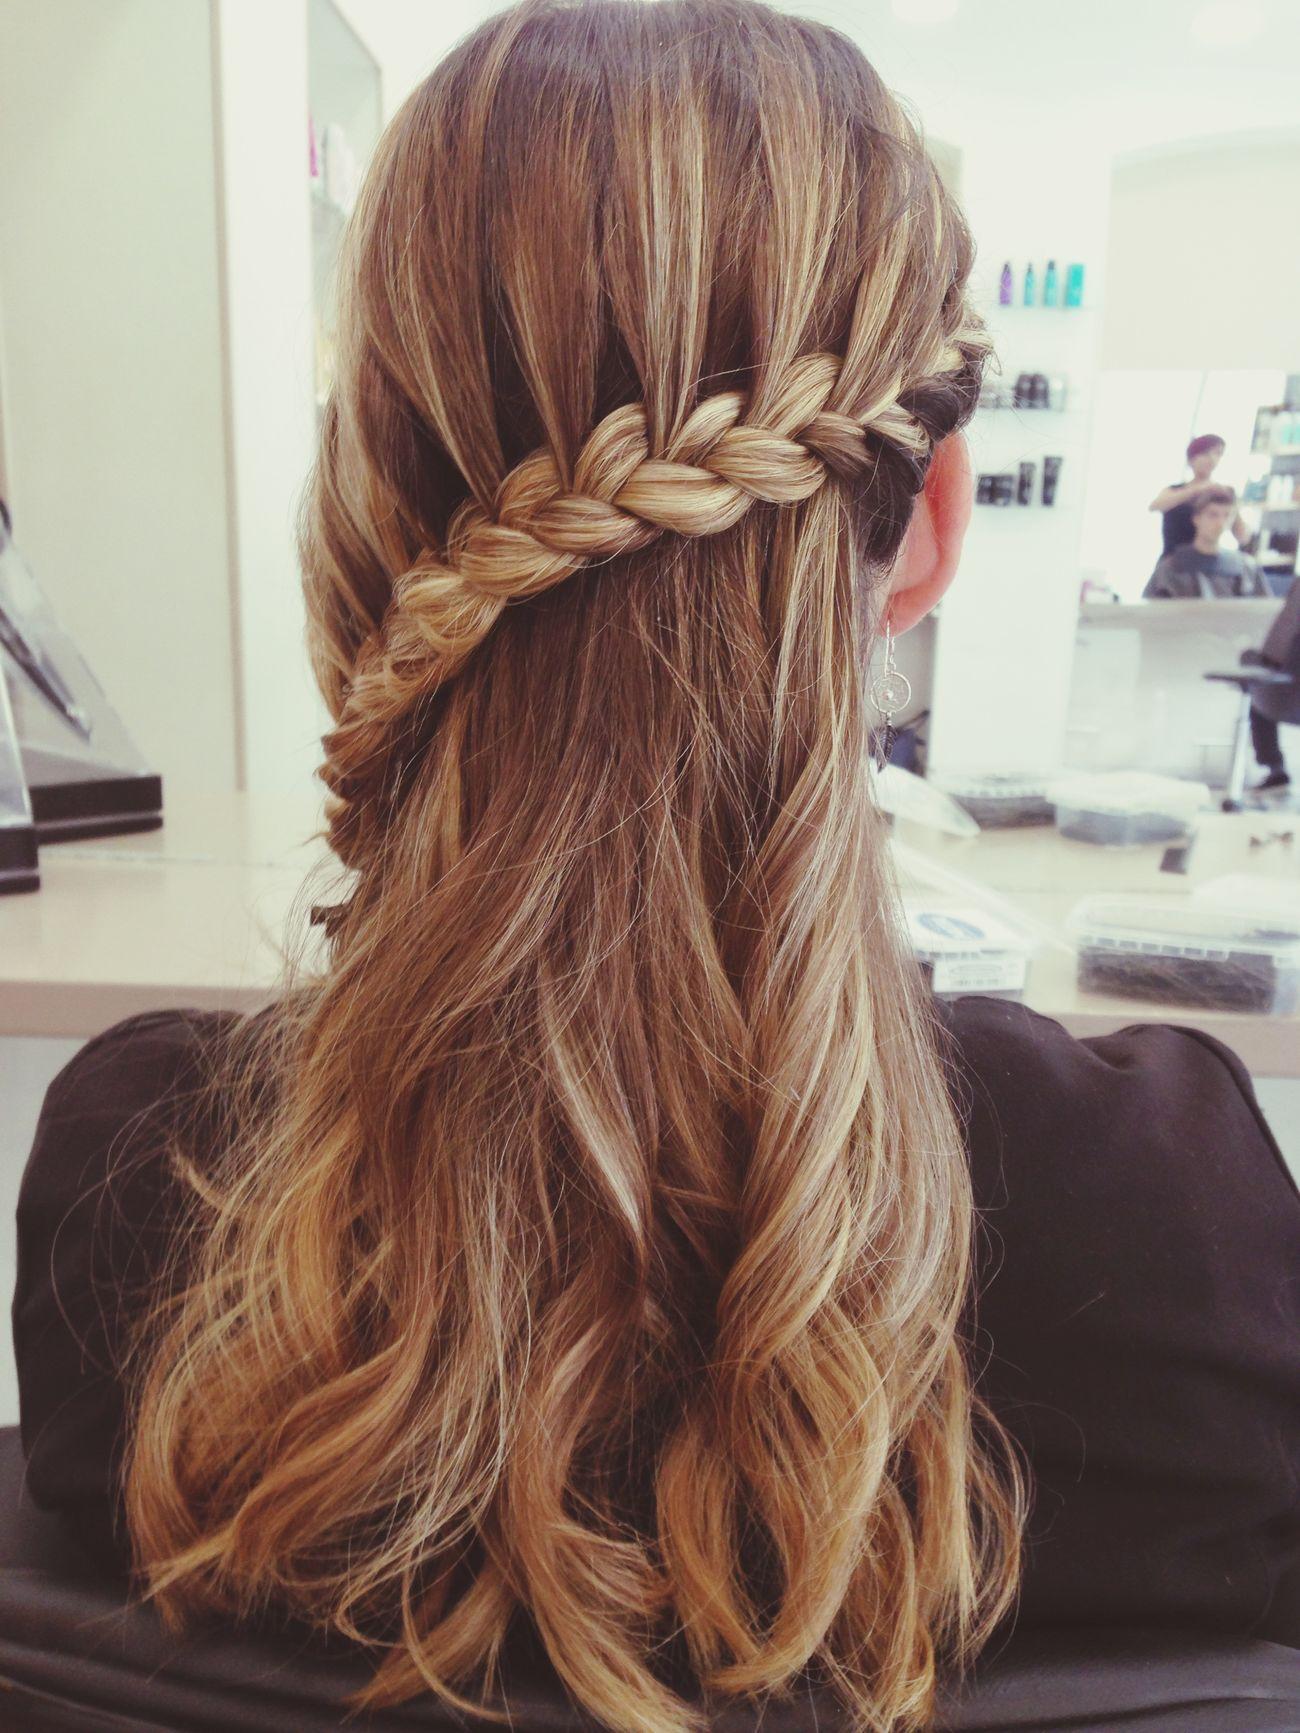 Hairlight Hairlong Braided Hair @cyrielle